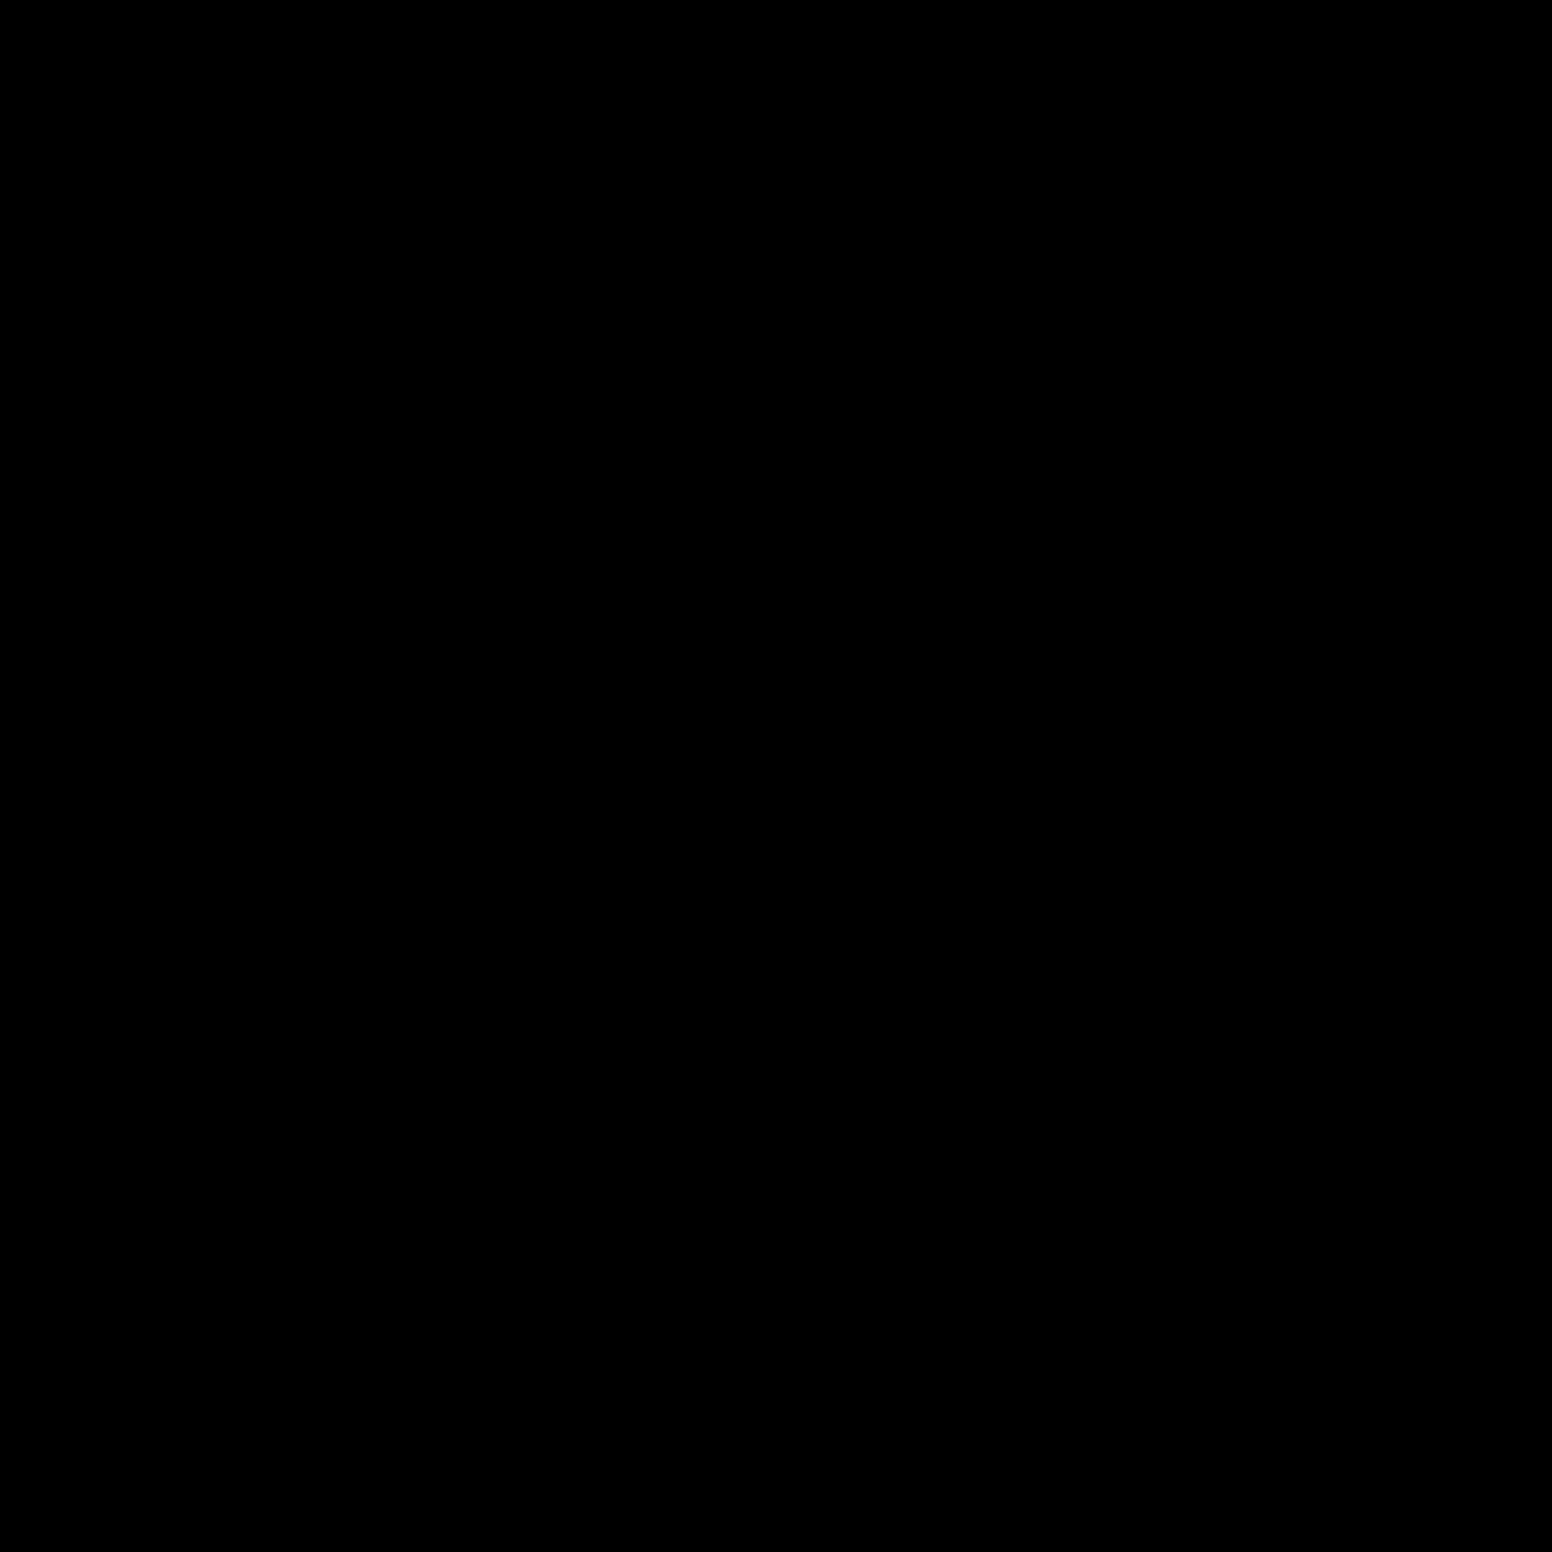 0d86e911c198a5ef6d1deca61f5ec321